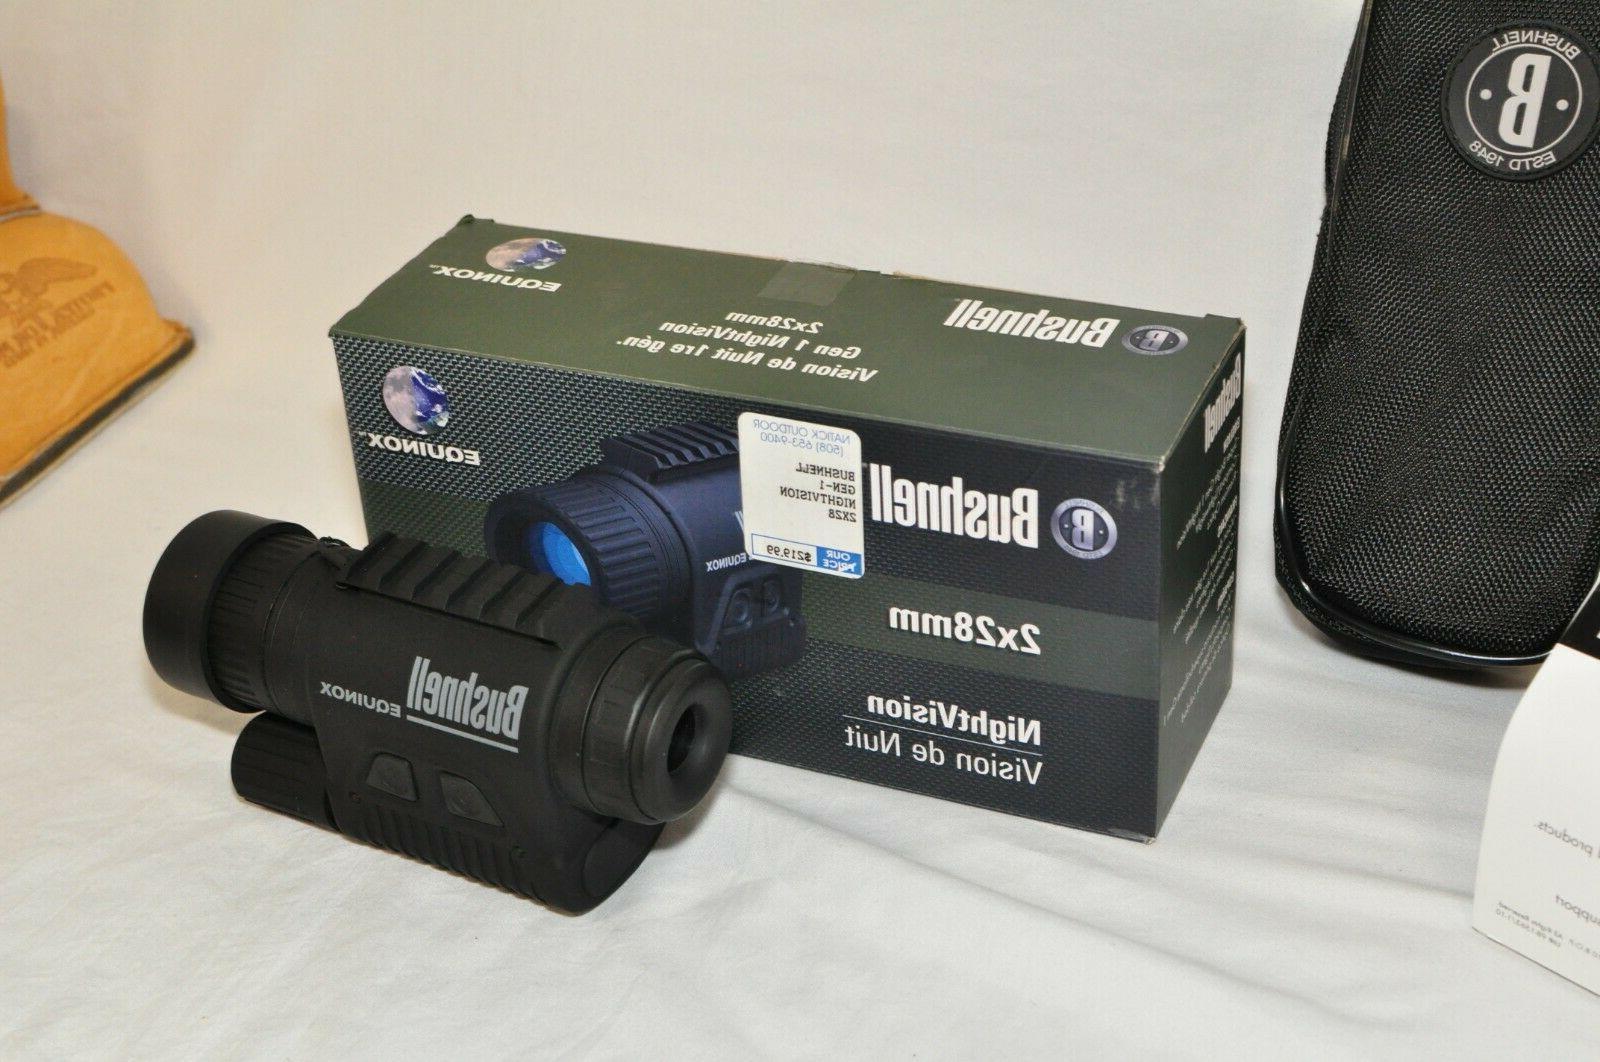 Bushnell Gen-1 Night vision 2x28mm New Box. Runs CR 123